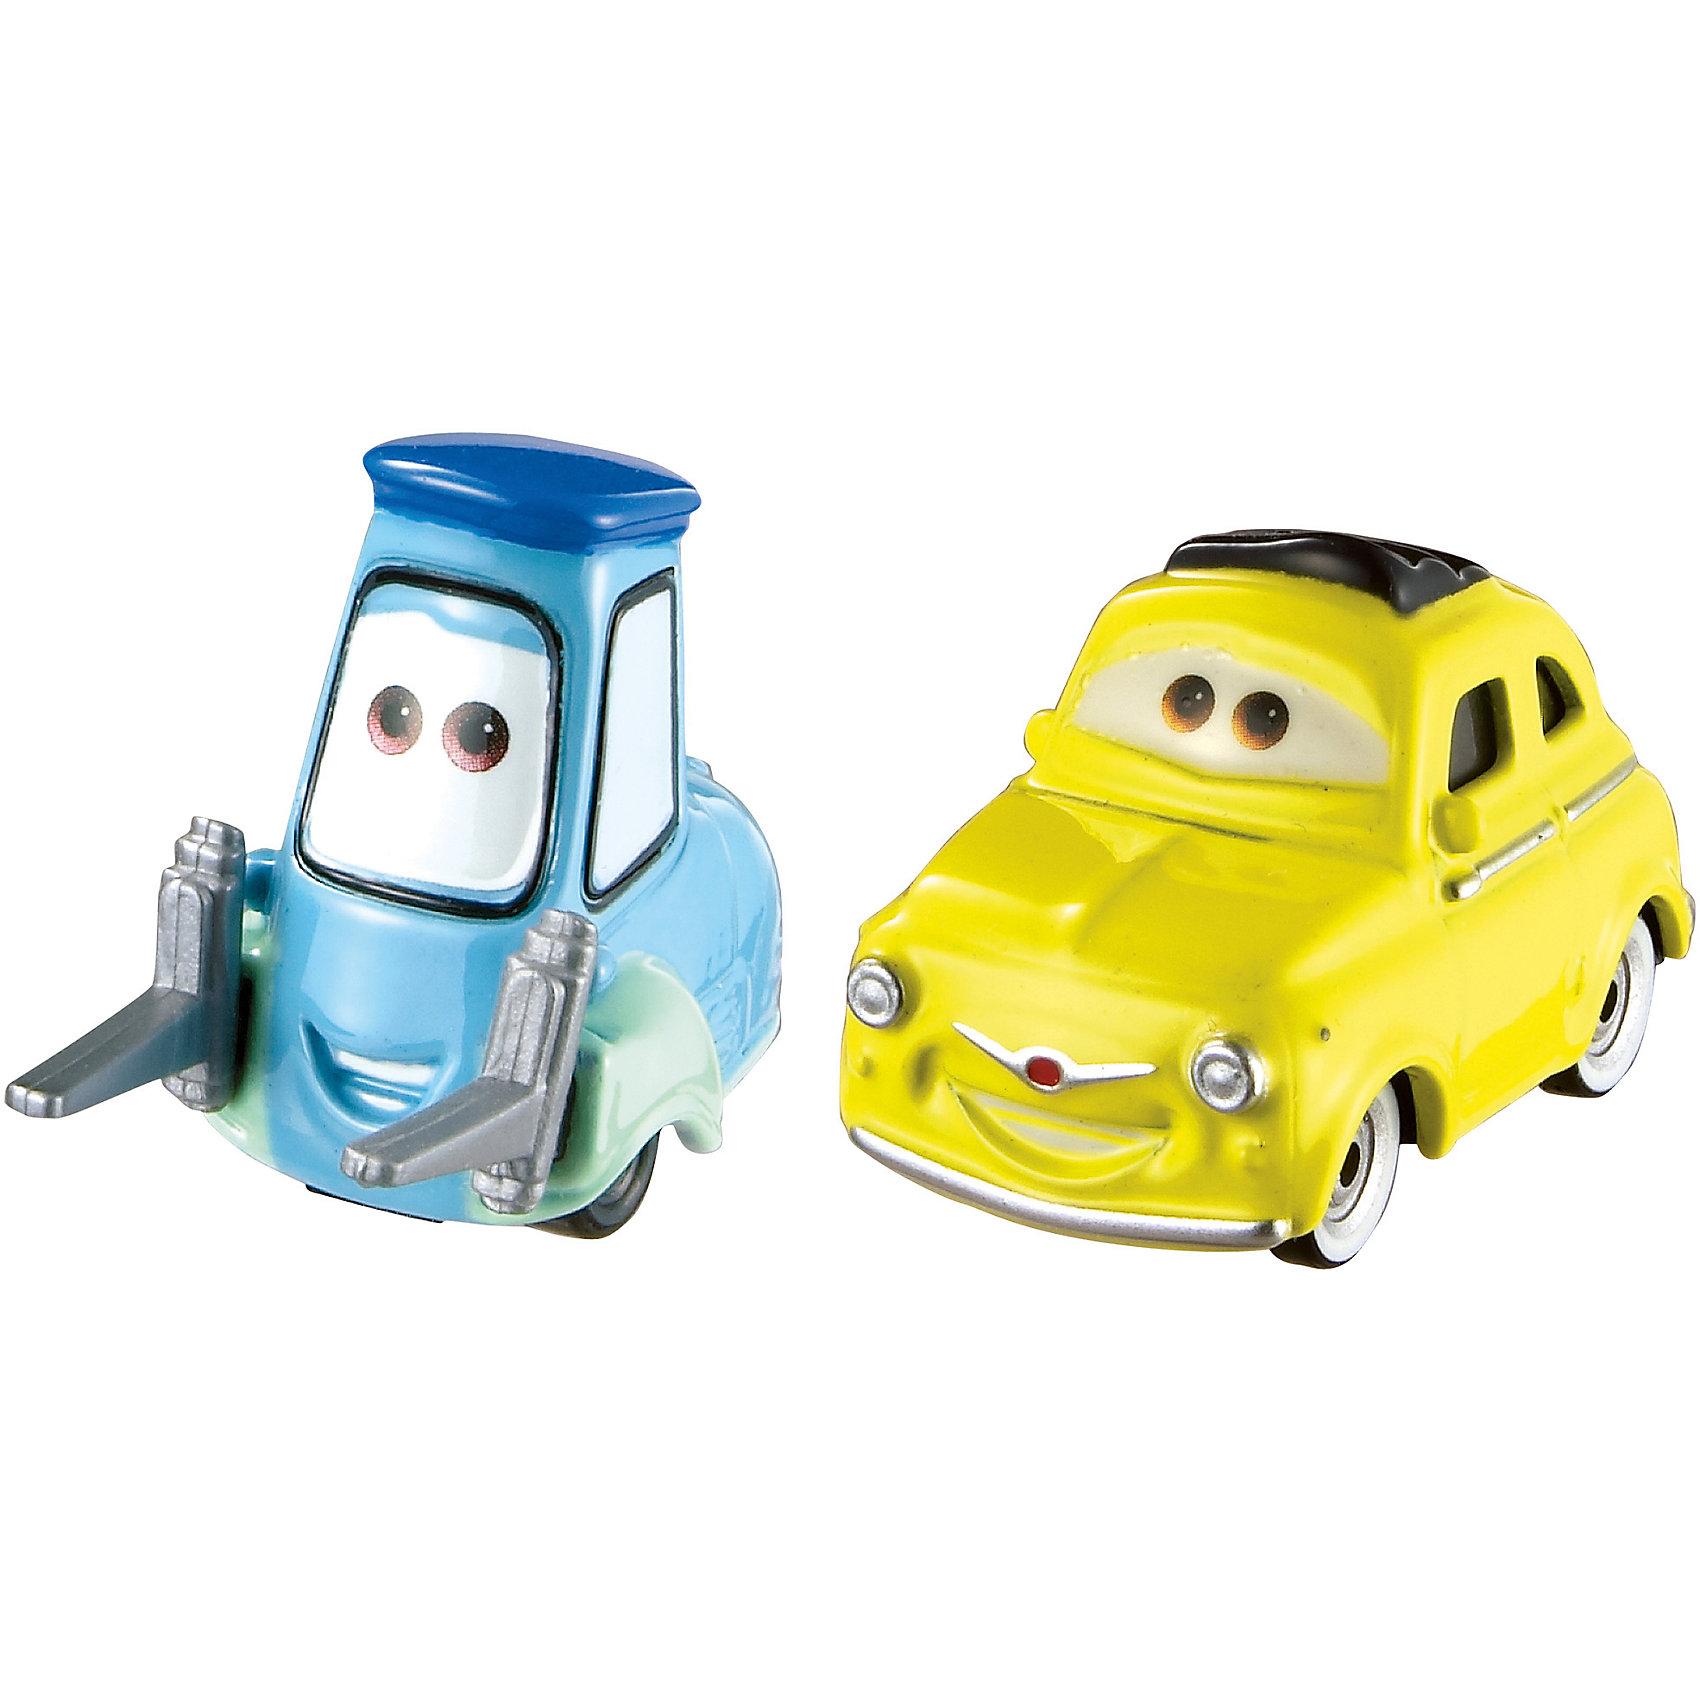 Литая машинка, Тачки-2Машинки<br>Литая машинка Делюкс от компании «Mattel» выполнена в виде главного персонажа мультфильма «Тачки 2». Изготовленная из металла в масштабе 1:55 игрушка отличается высокой степенью детализации и качеством исполнения. Завладев несколькими моделями, малыш сможет окунуться в любимый мультипликационный мир, устроить красочные показательные выступления среди машинок-киногероев.<br><br>Дополнительная информация:<br><br>- Материал: металл<br>- В упаковке: 1 шт.<br>- Размер машинки: 8 см.<br><br>Литую машинку, Тачки-2 можно купить в нашем магазине.<br><br>Ширина мм: 135<br>Глубина мм: 45<br>Высота мм: 160<br>Вес г: 80<br>Возраст от месяцев: 36<br>Возраст до месяцев: 72<br>Пол: Мужской<br>Возраст: Детский<br>SKU: 5015781